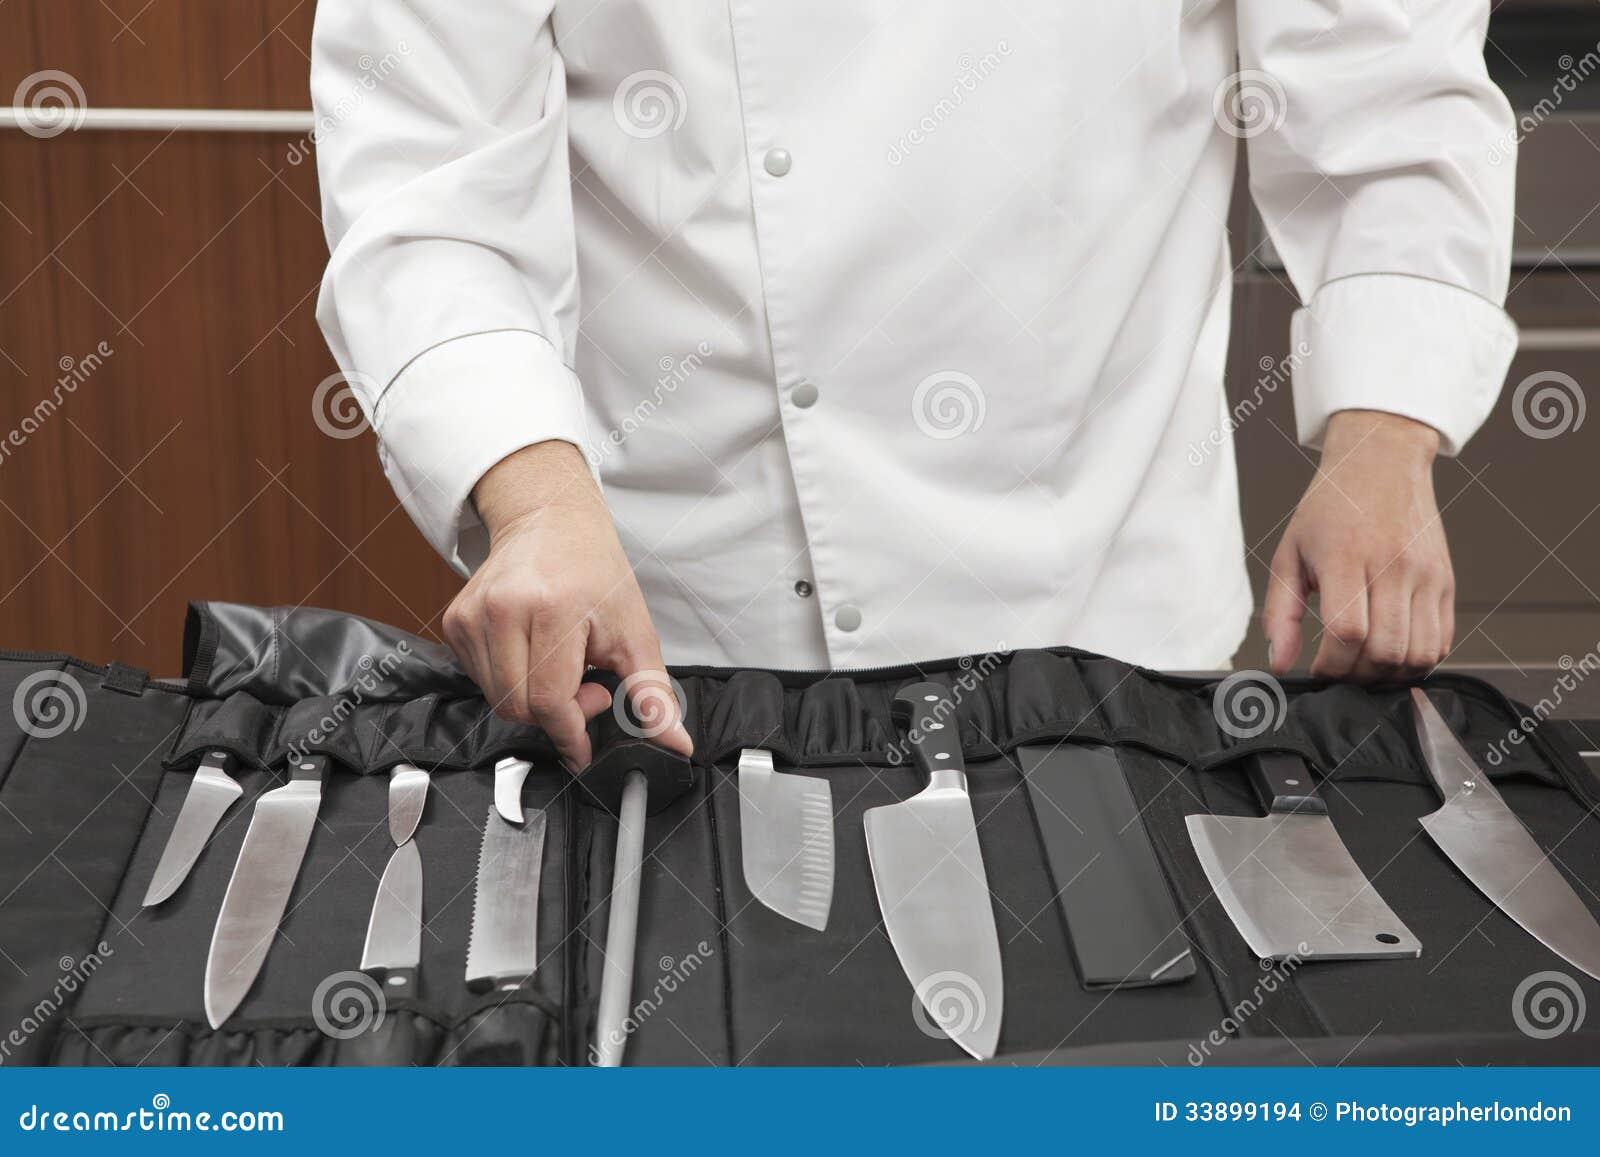 chef selecting knife sharpener out of full set stock images image 33899194. Black Bedroom Furniture Sets. Home Design Ideas